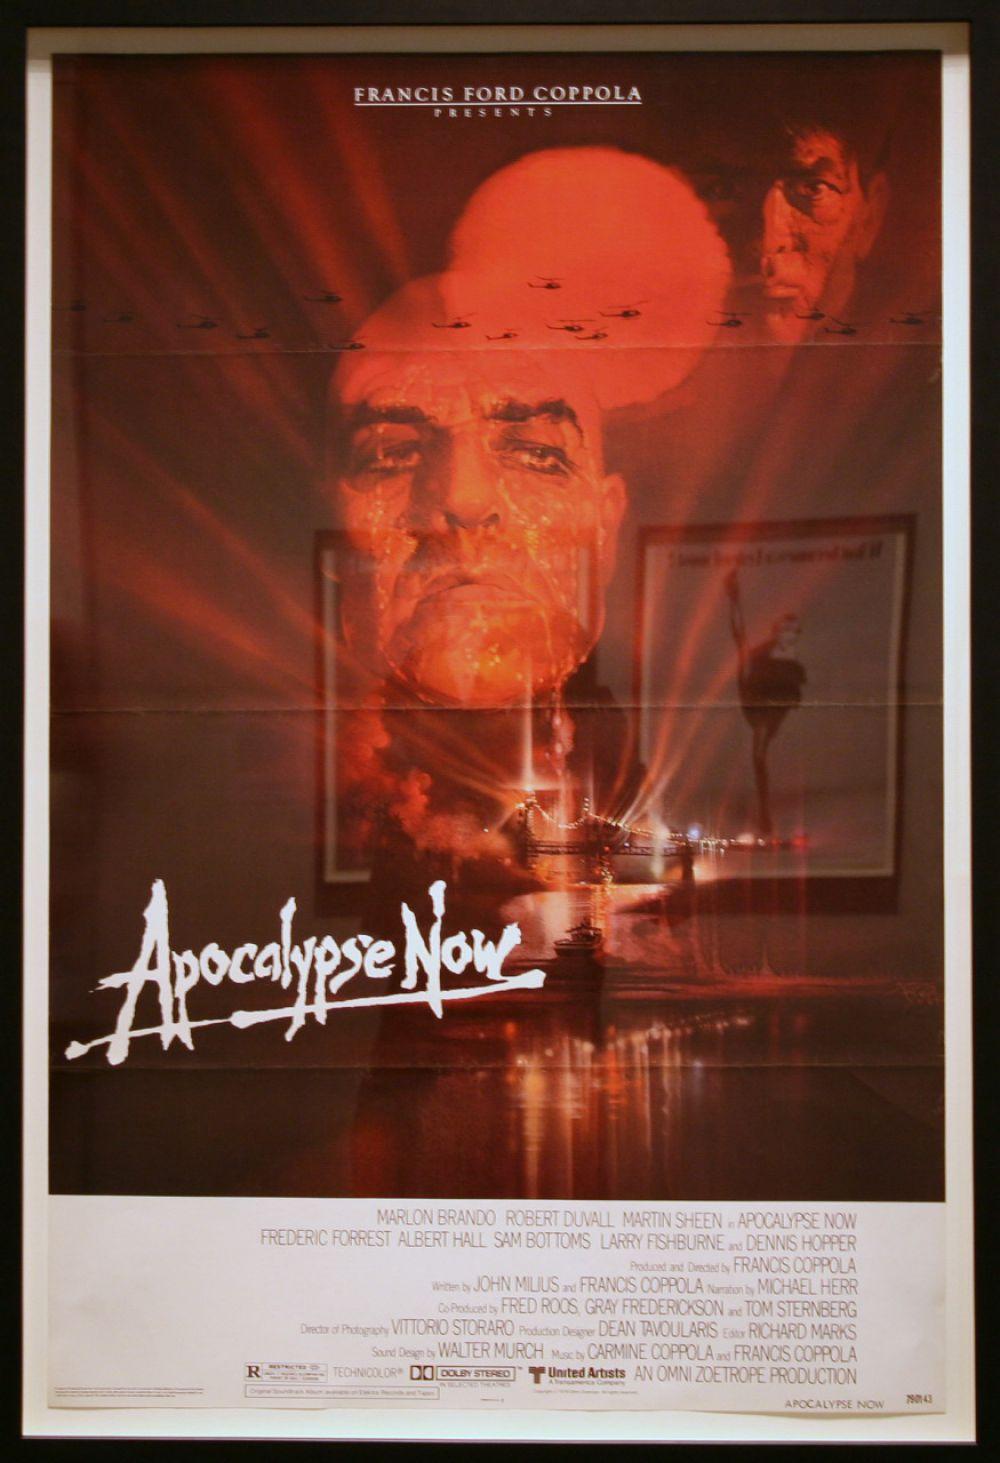 Значительный интерес вызвали и эскизы к постерам. Созданный Бобом Пиком для фильма Фрэнсиса Форда Копполы «Апокалипсис сегодня» (Apocalypse Now, 1979) продан за $11,3 тысячи.